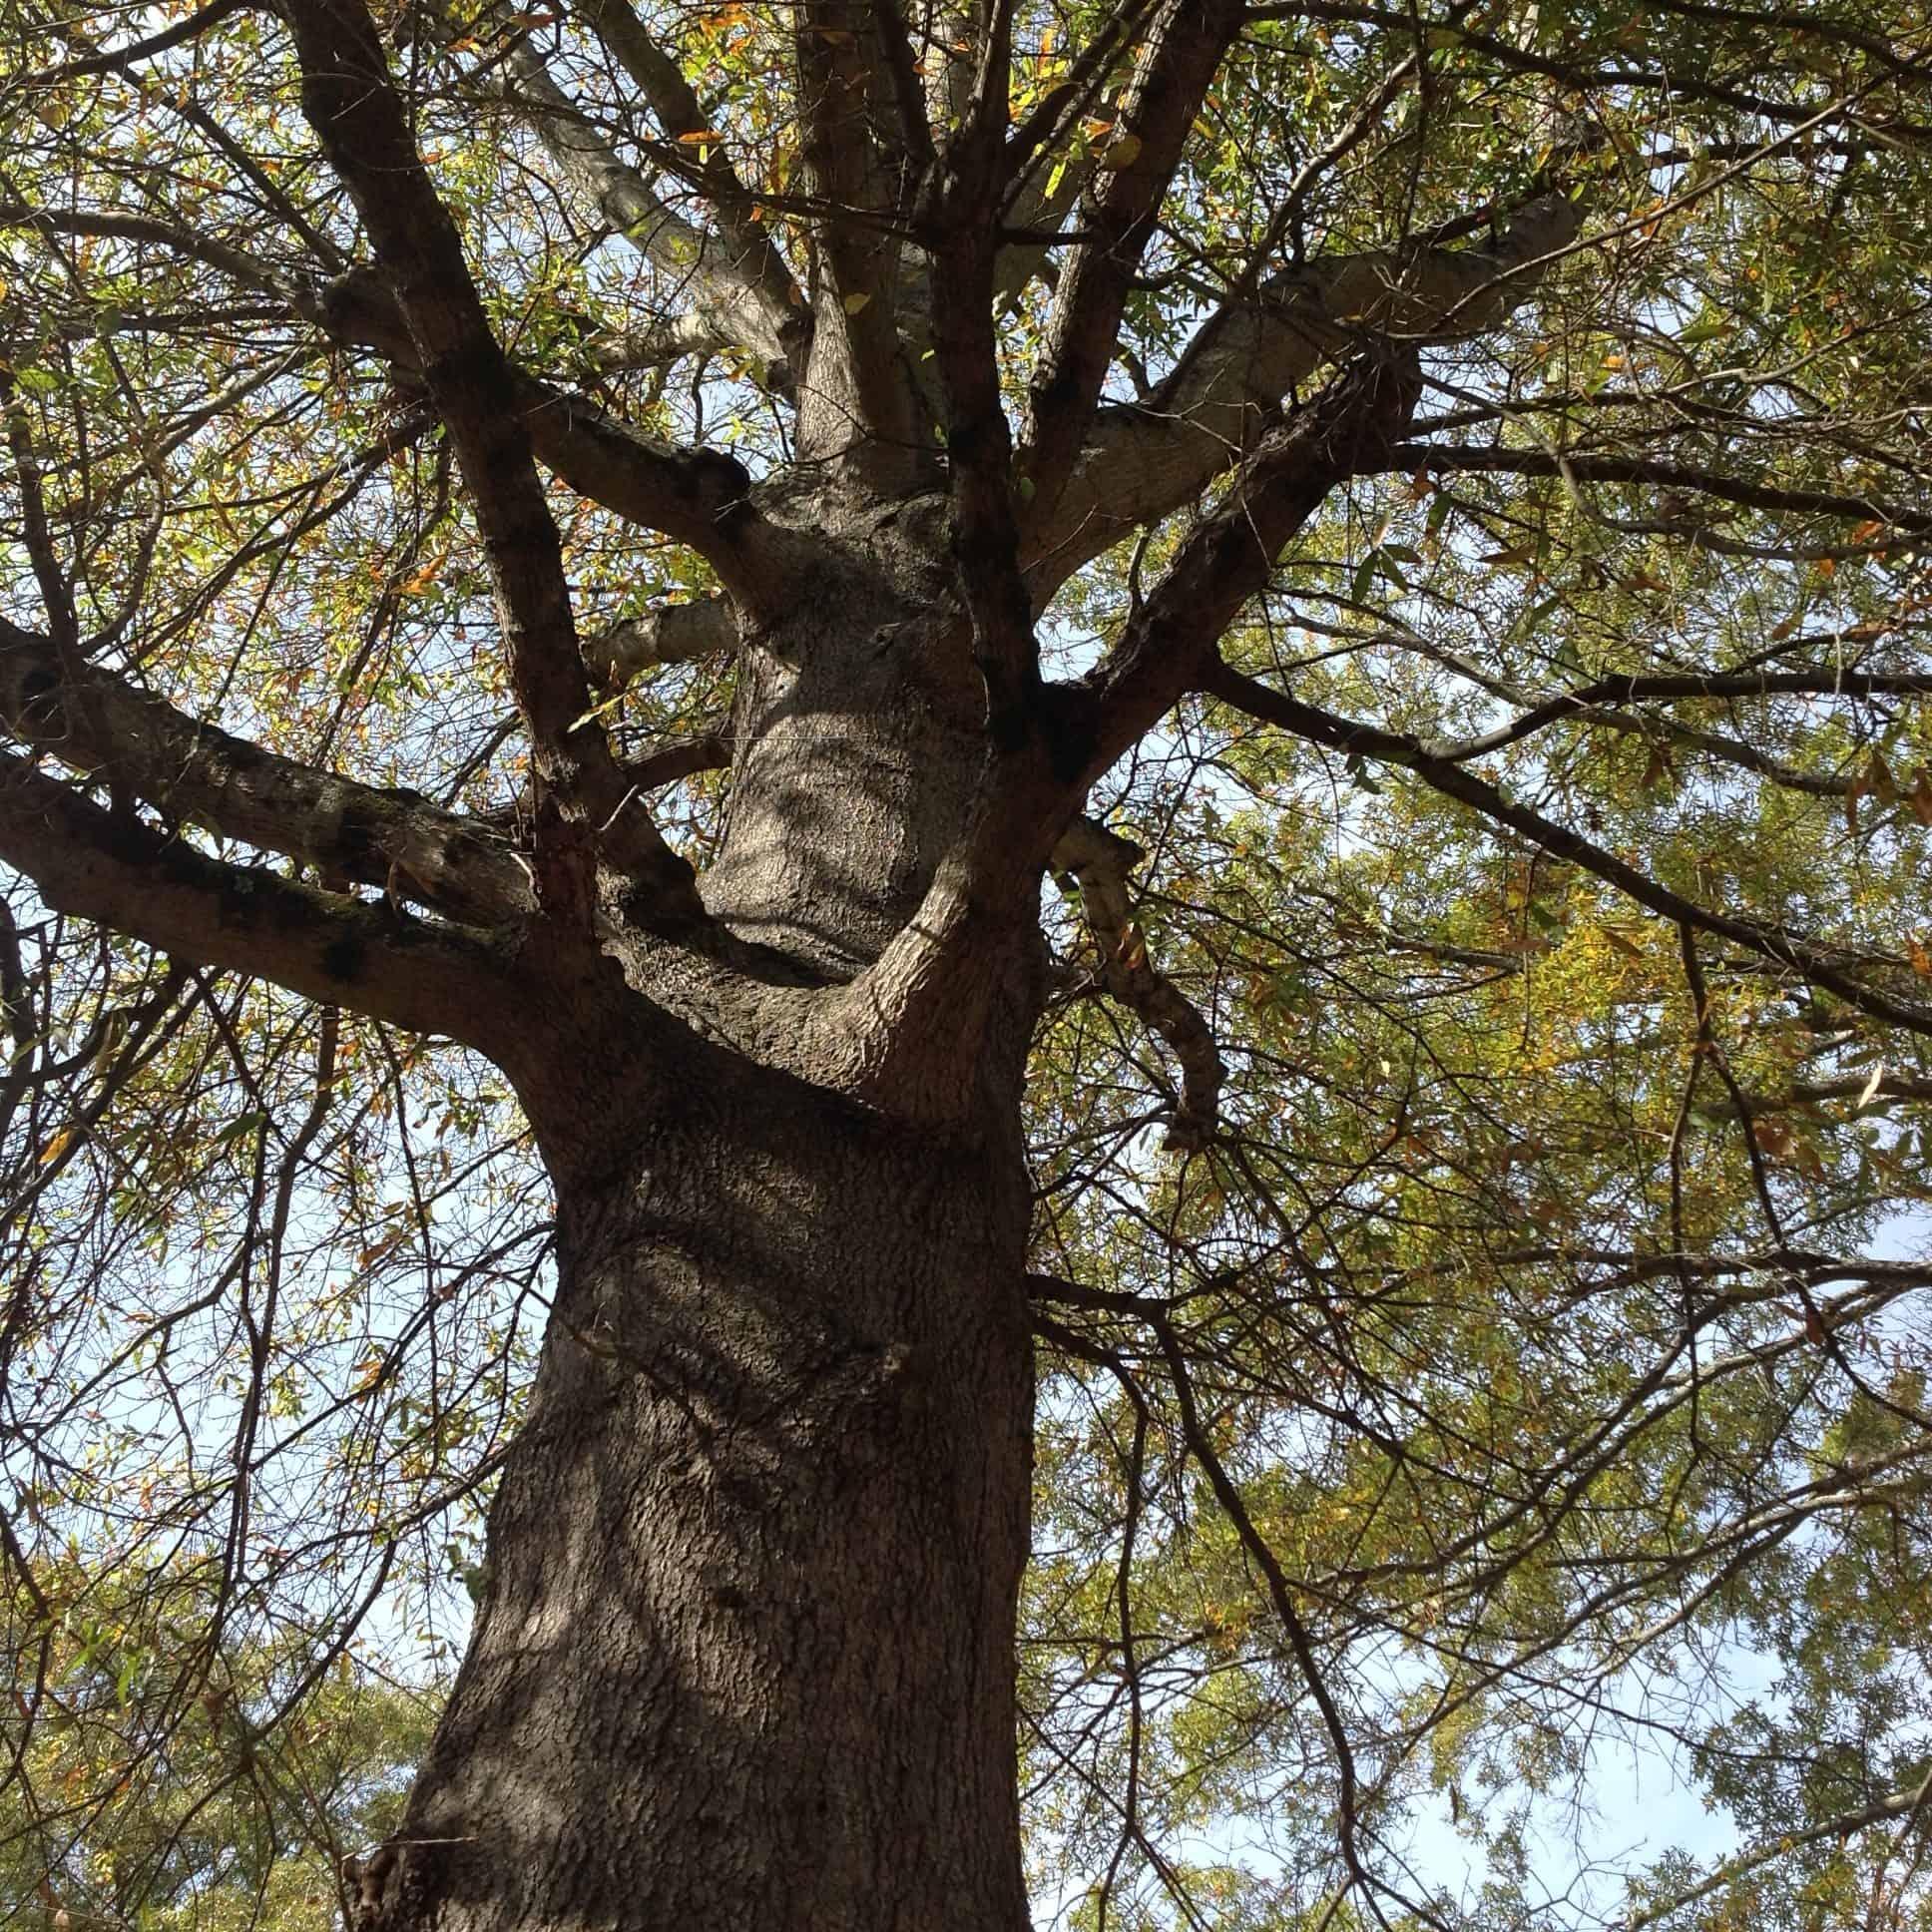 Oak canopy study in 4